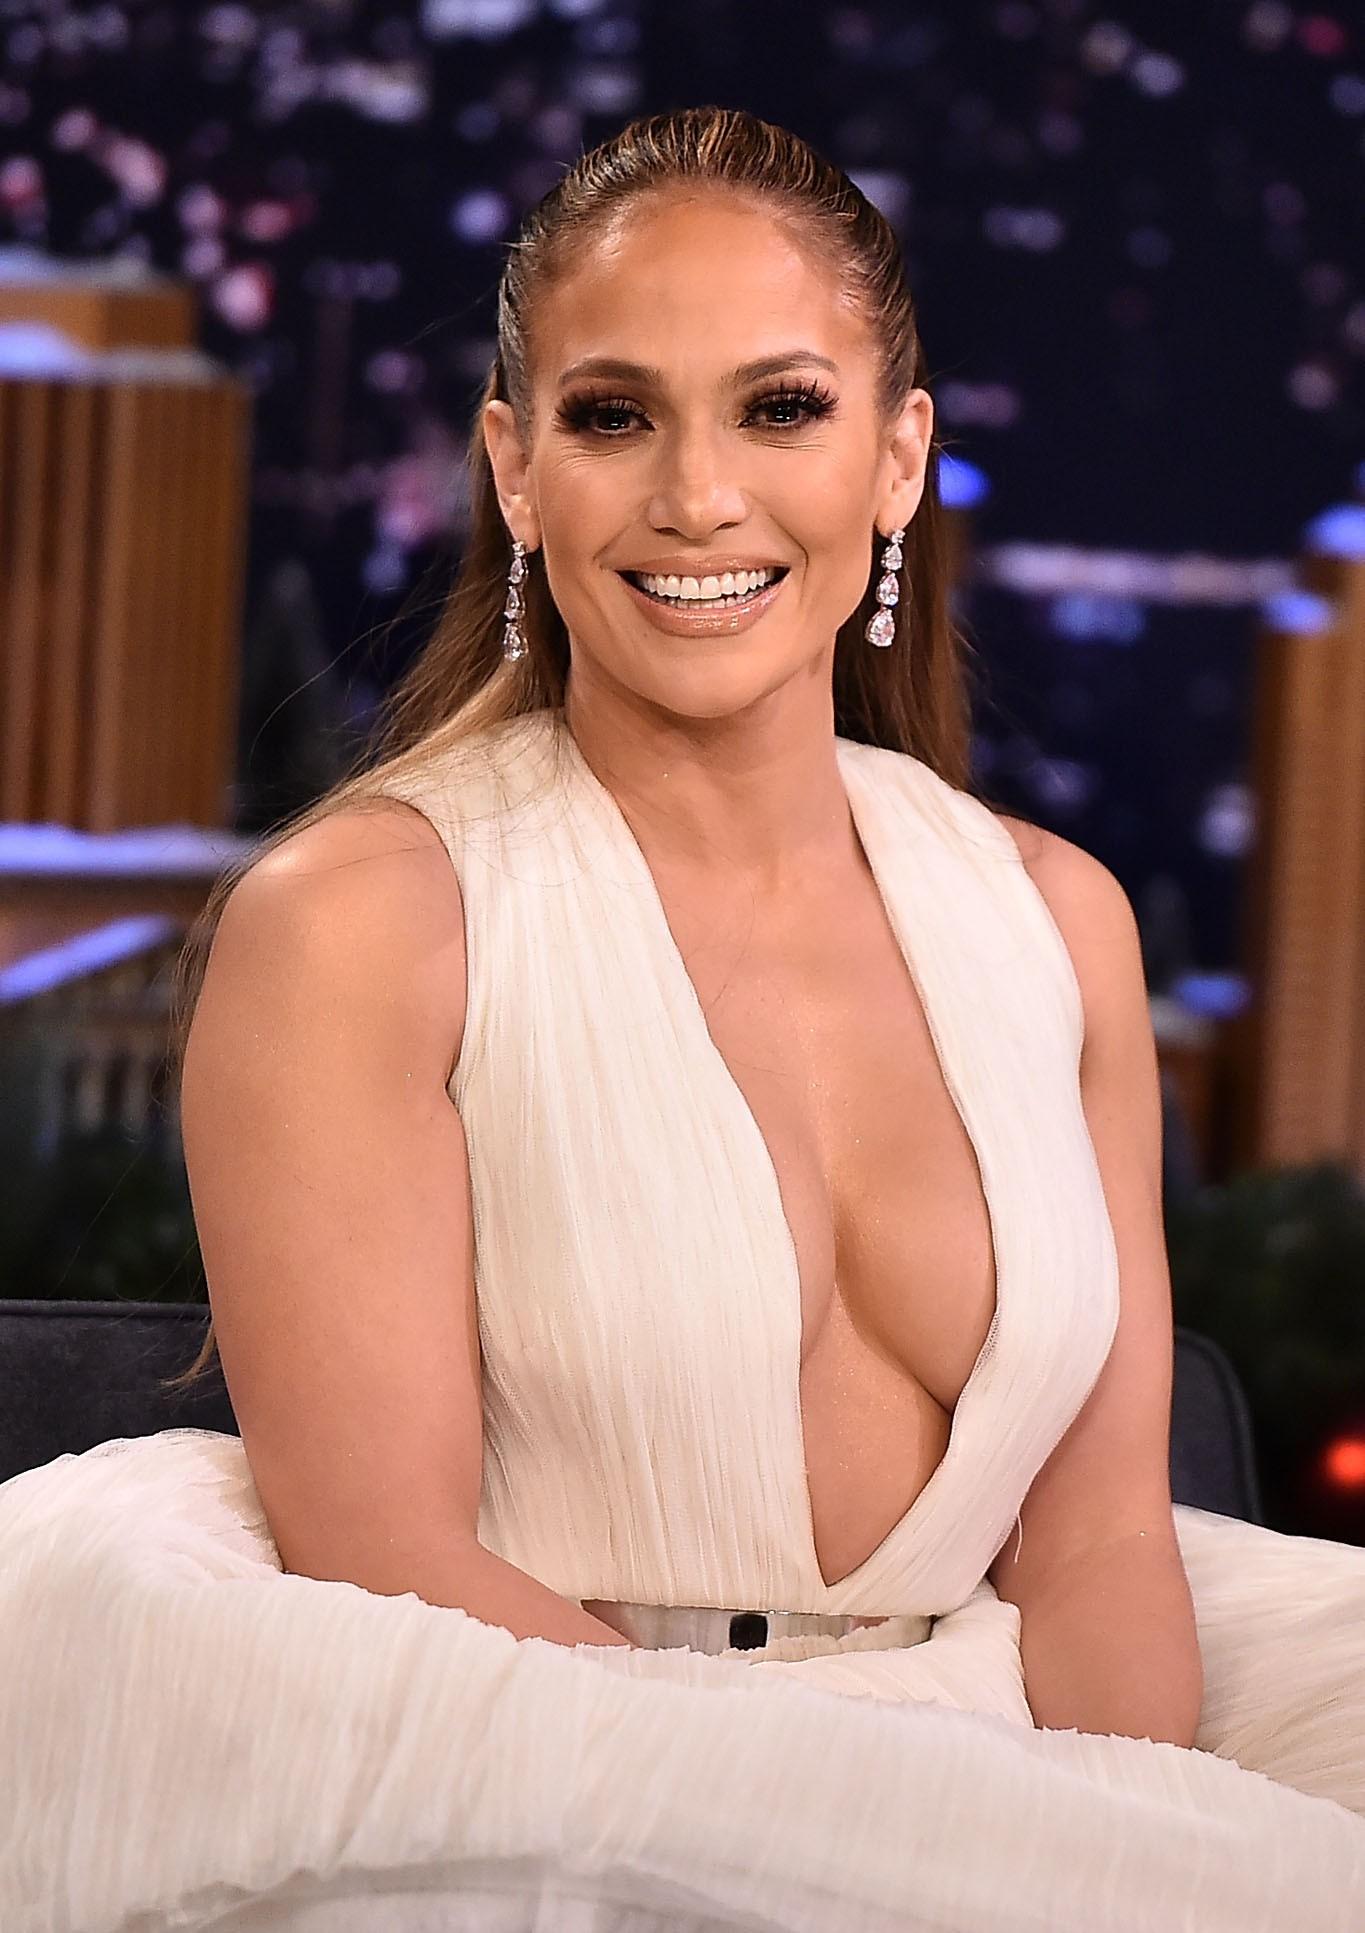 A cantora Jennifer Lopez durante sua participação no programa do apresentador Jimmy Fallon (Foto: Getty Images)